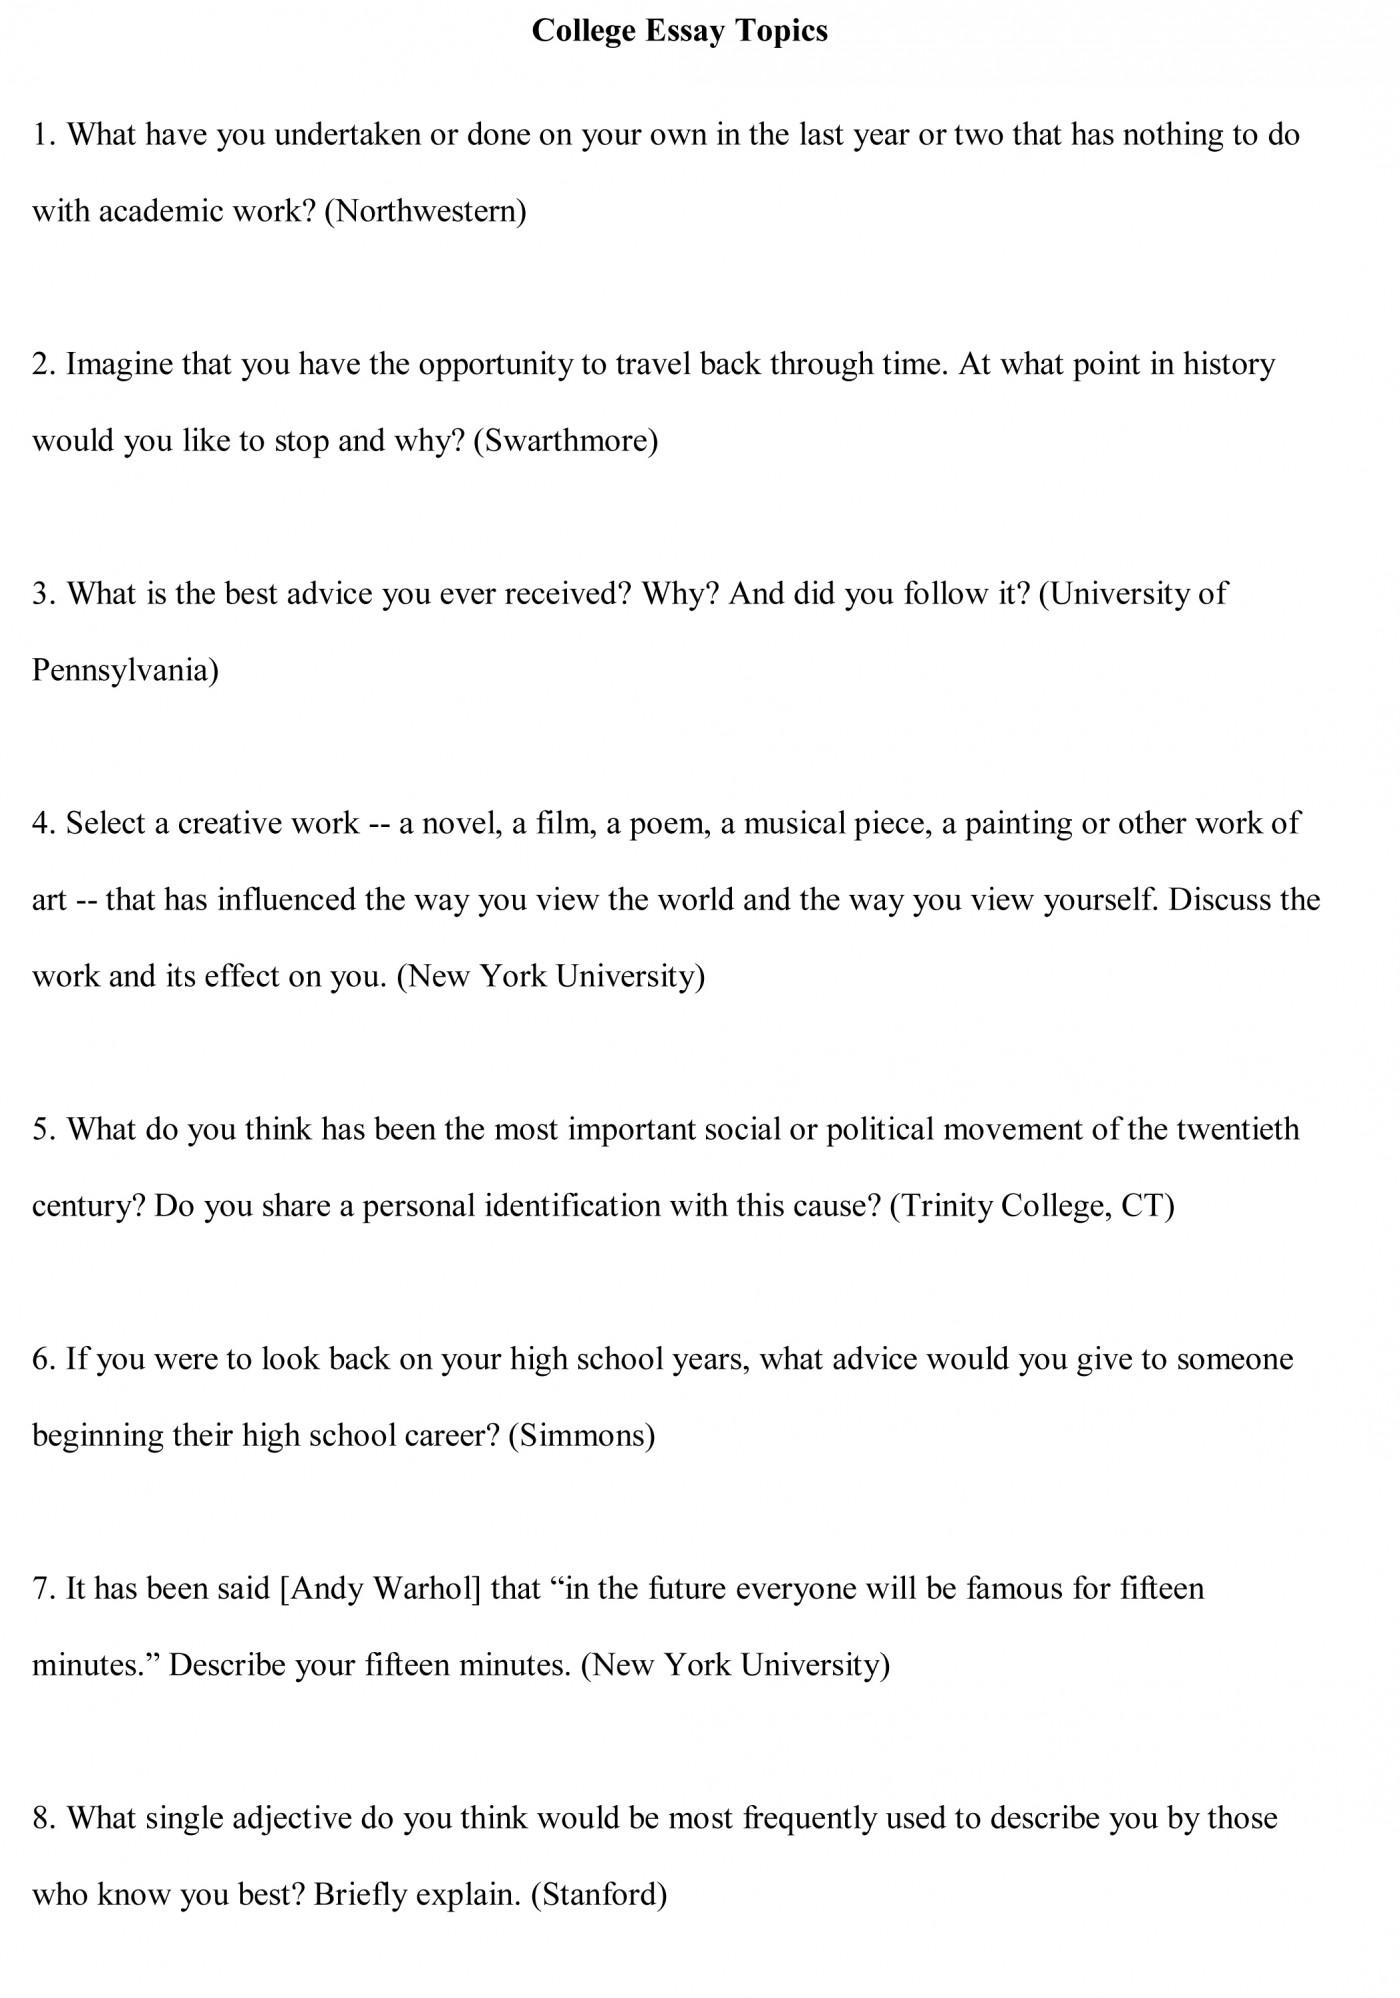 018 College Essay Topics Free Sample1cbu003d Personal Narratives High School Frightening Narrative Examples 1400